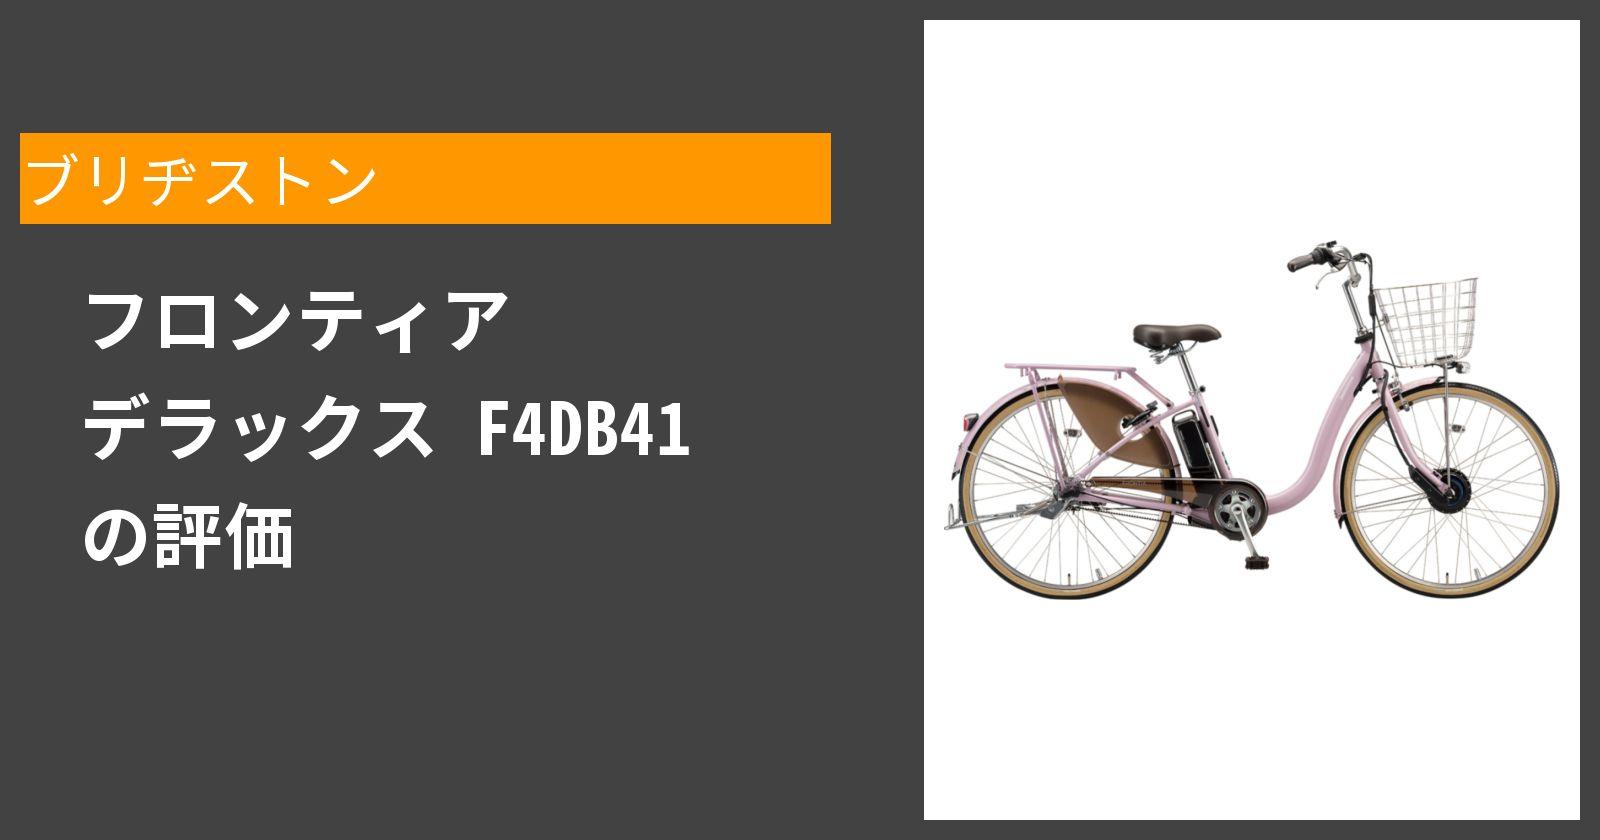 フロンティア デラックス F4DB41を徹底評価